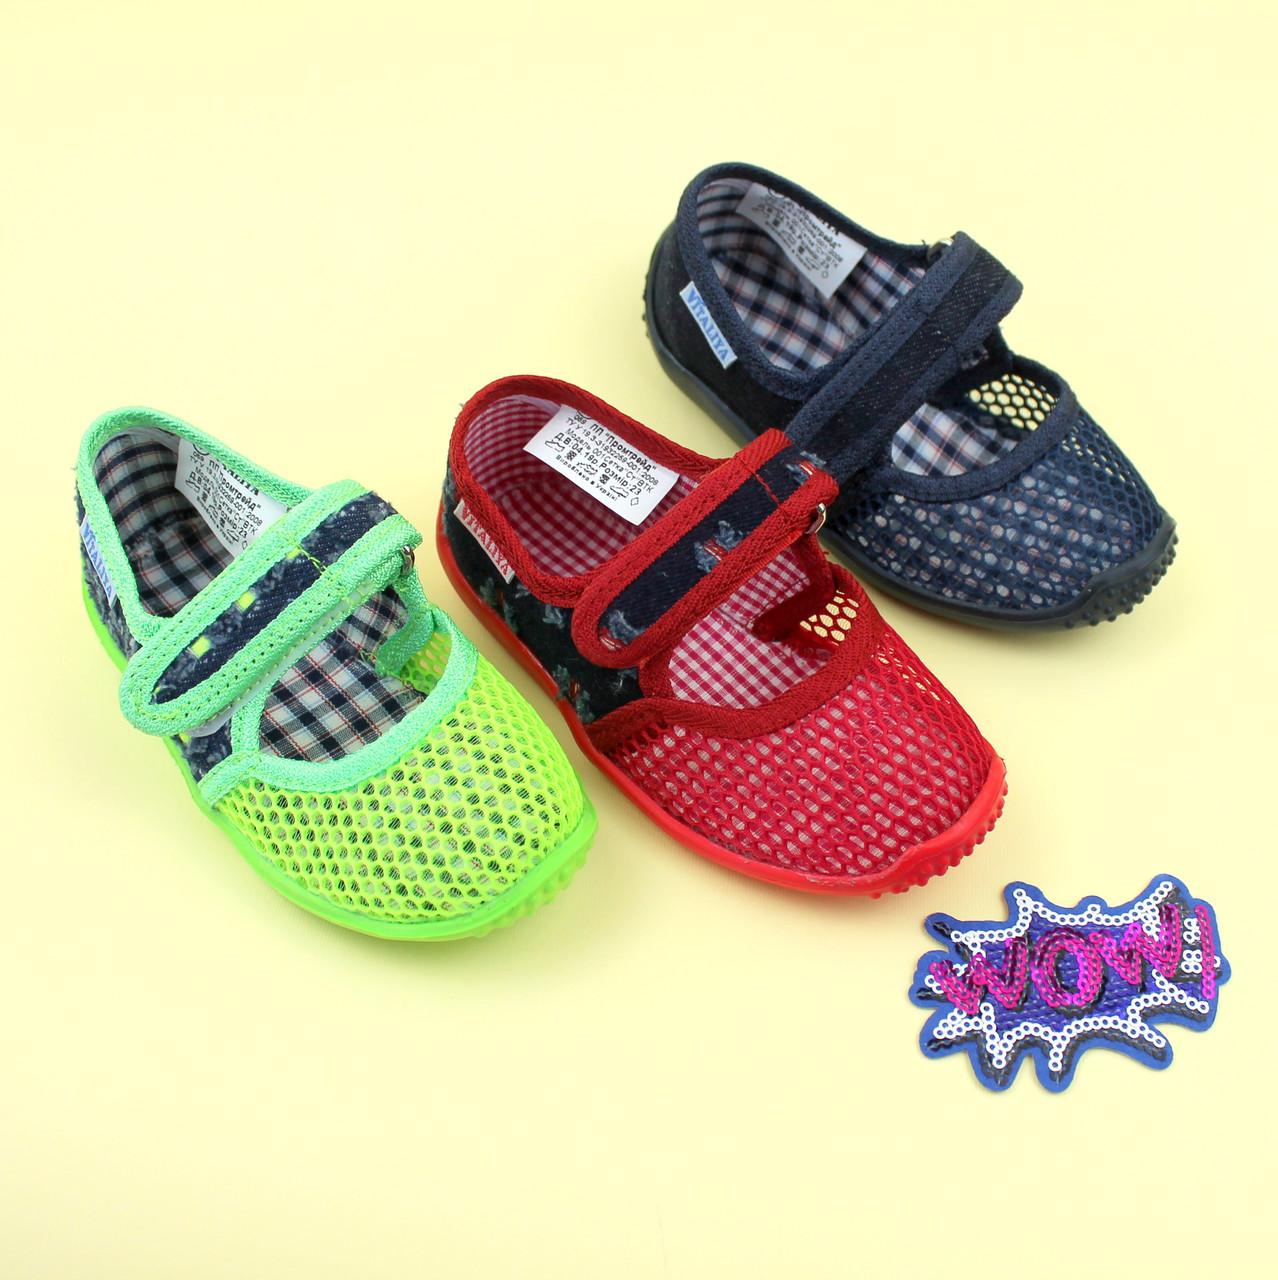 Тапочки в садик для мальчика текстильная обувь тм Виталия Украина размеры 21